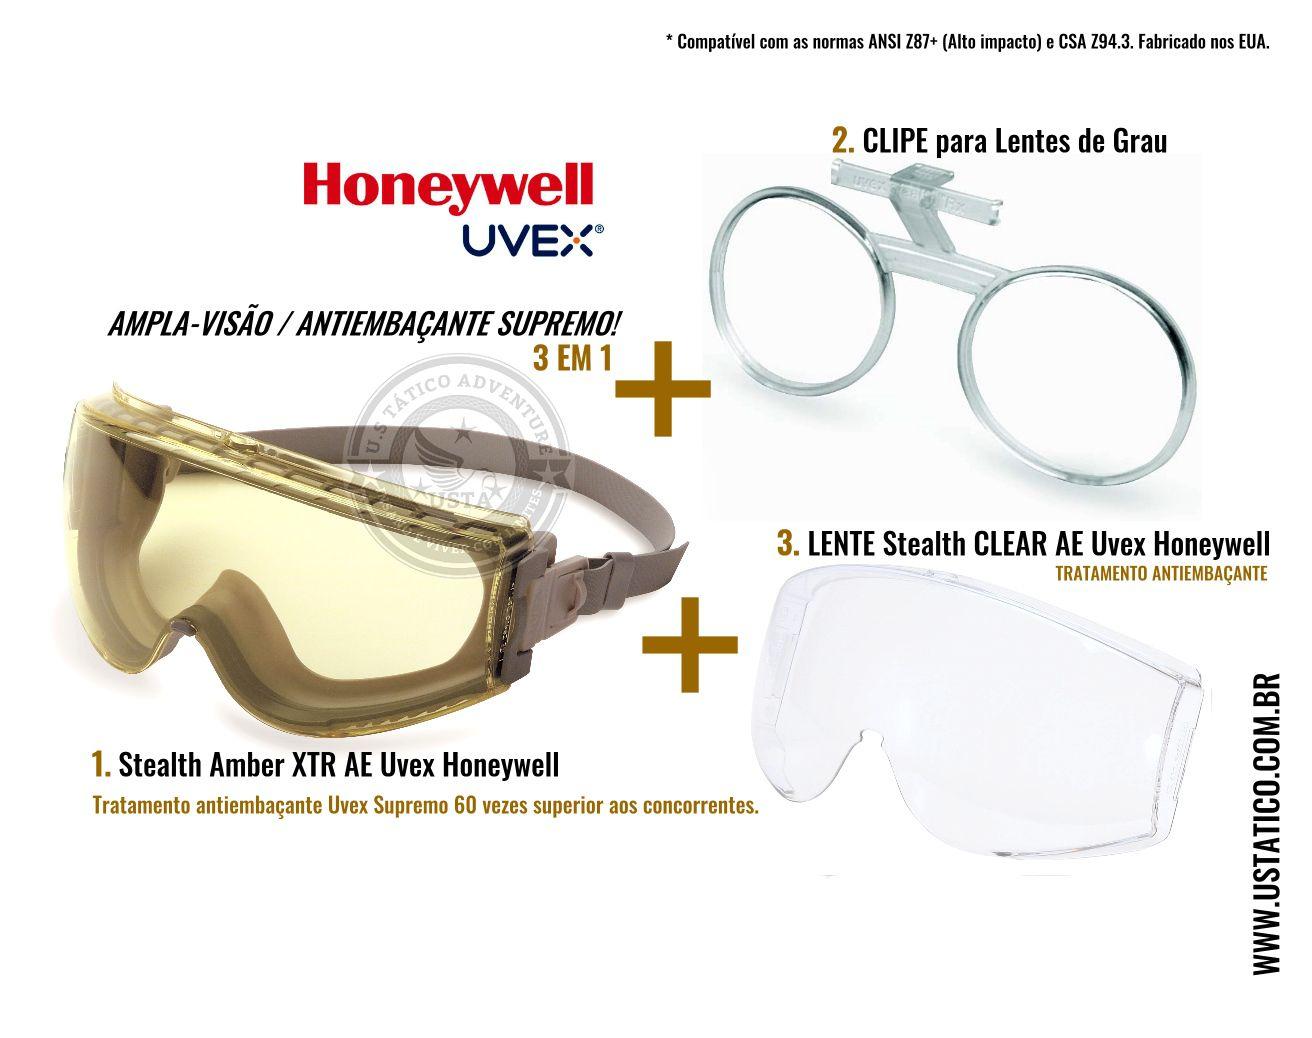 Oculos Airsoft Amplavisao Uvex Amber + Clipe Grau + Lente